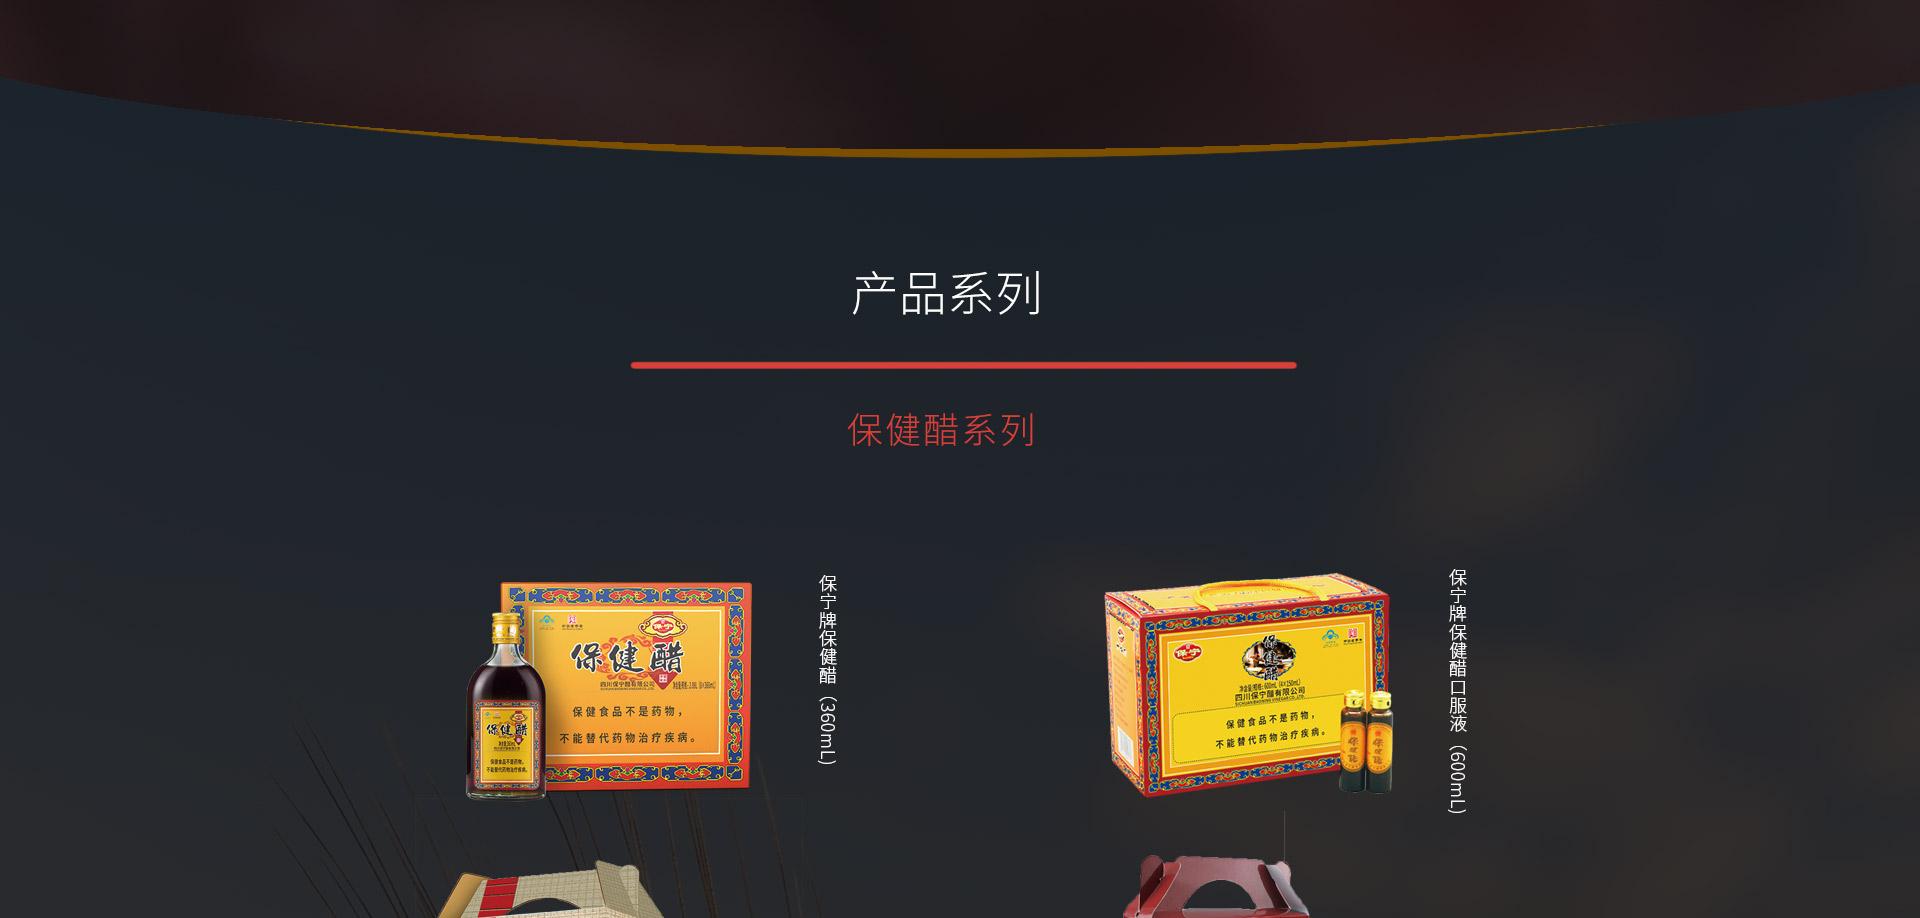 产品-保健醋饮系列_04.jpg